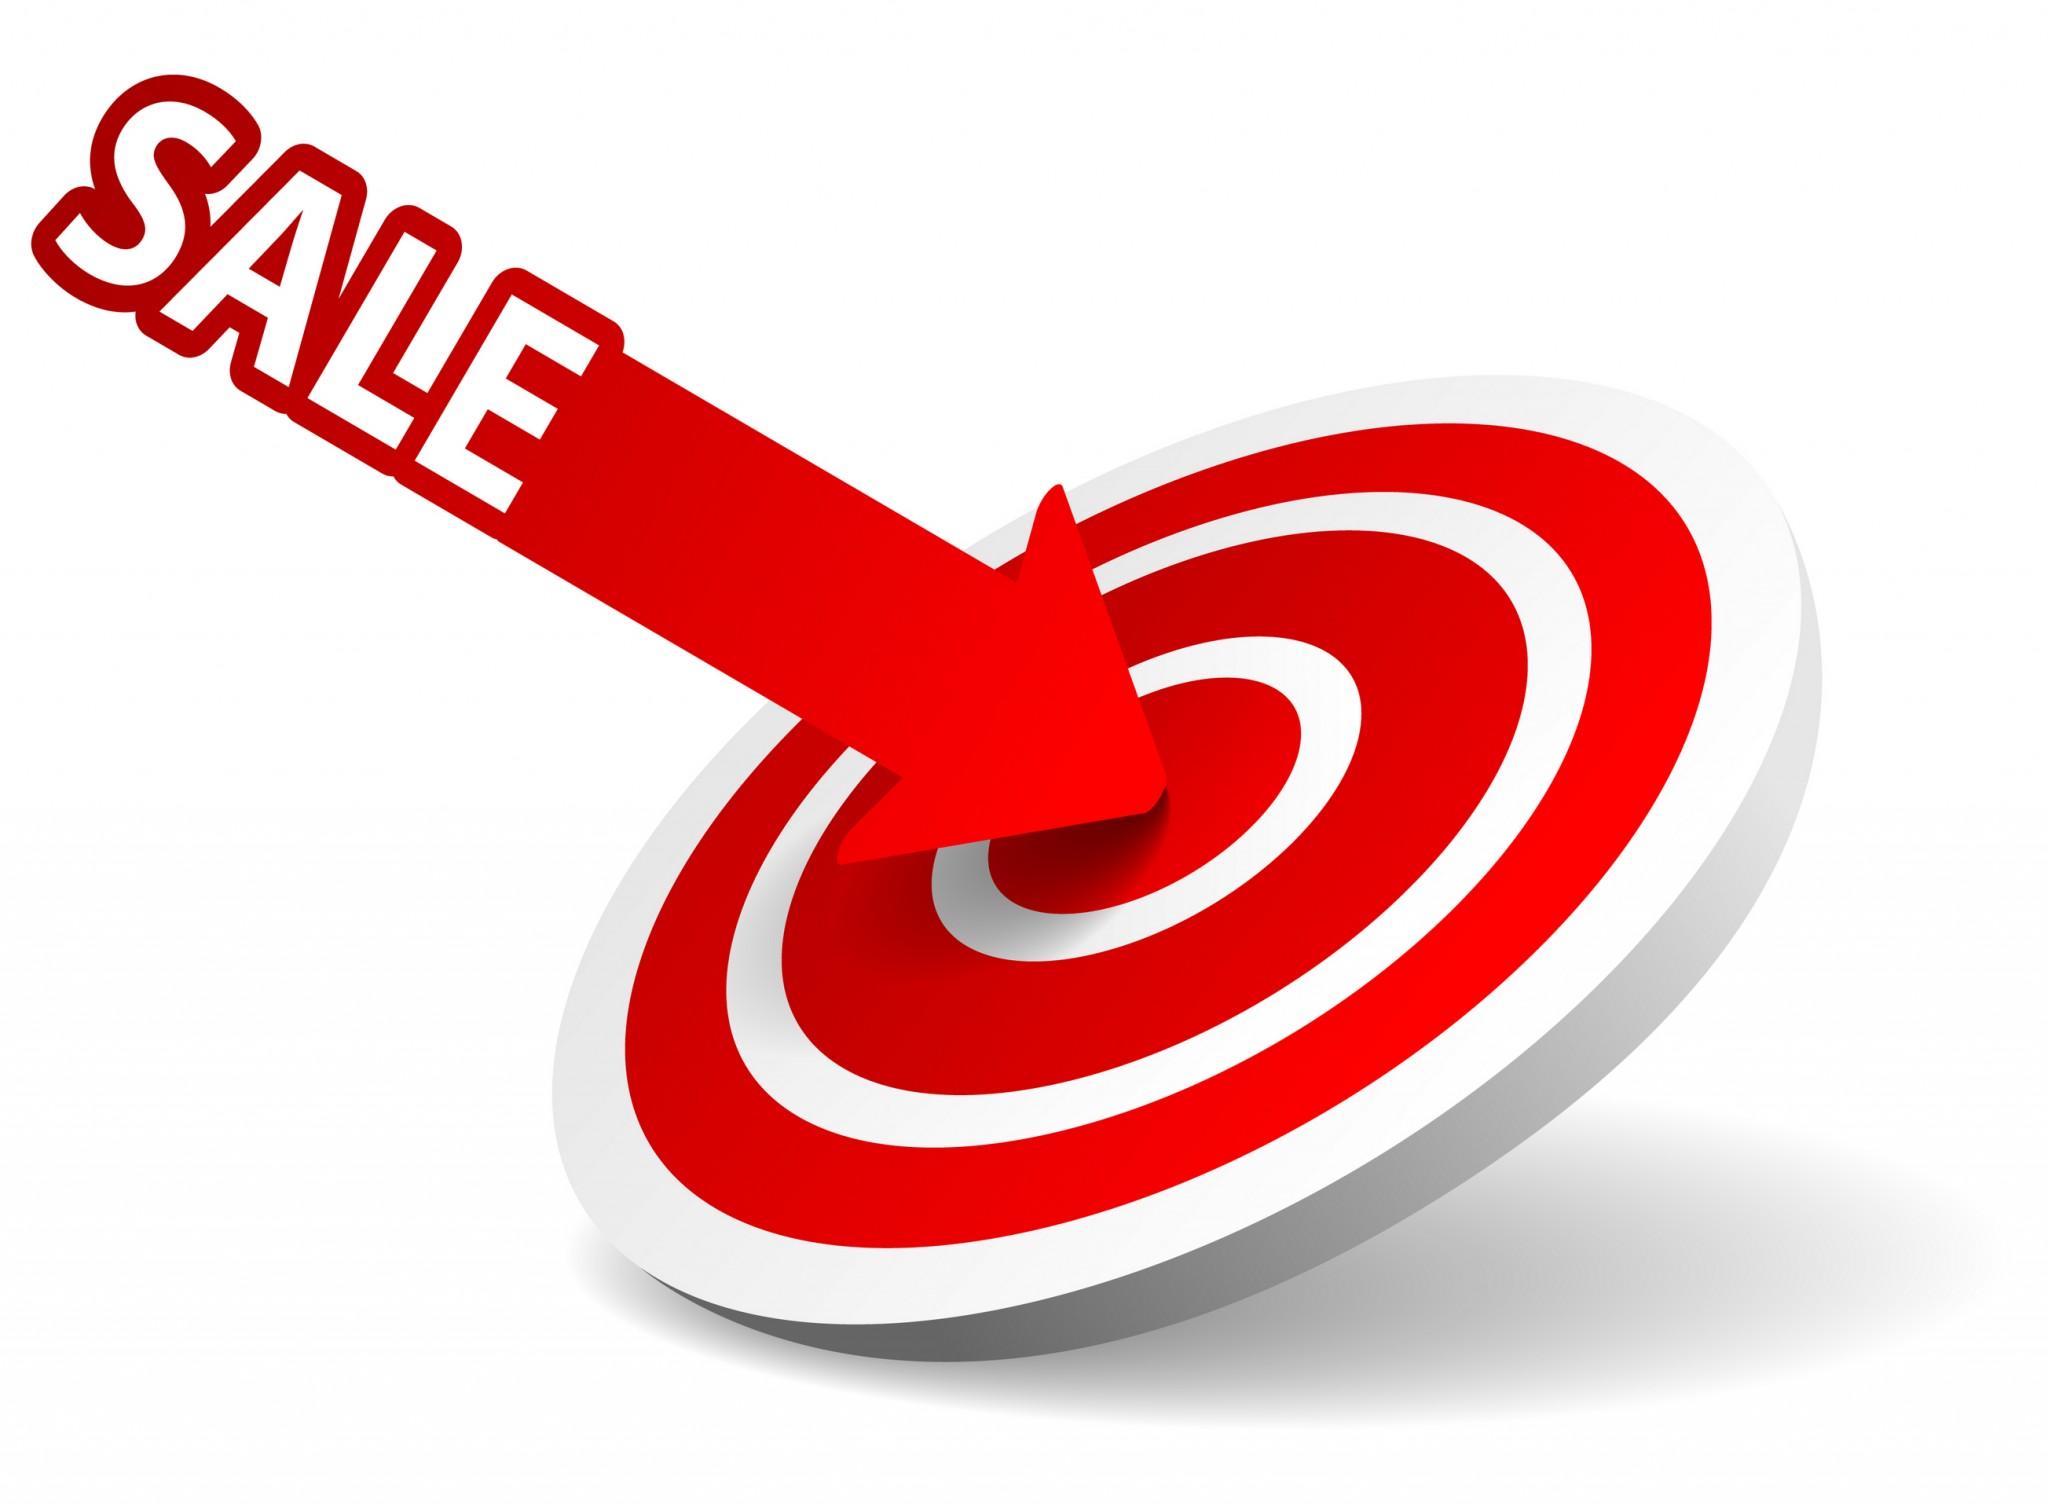 bí quyết chốt sales hiệu quả nhất